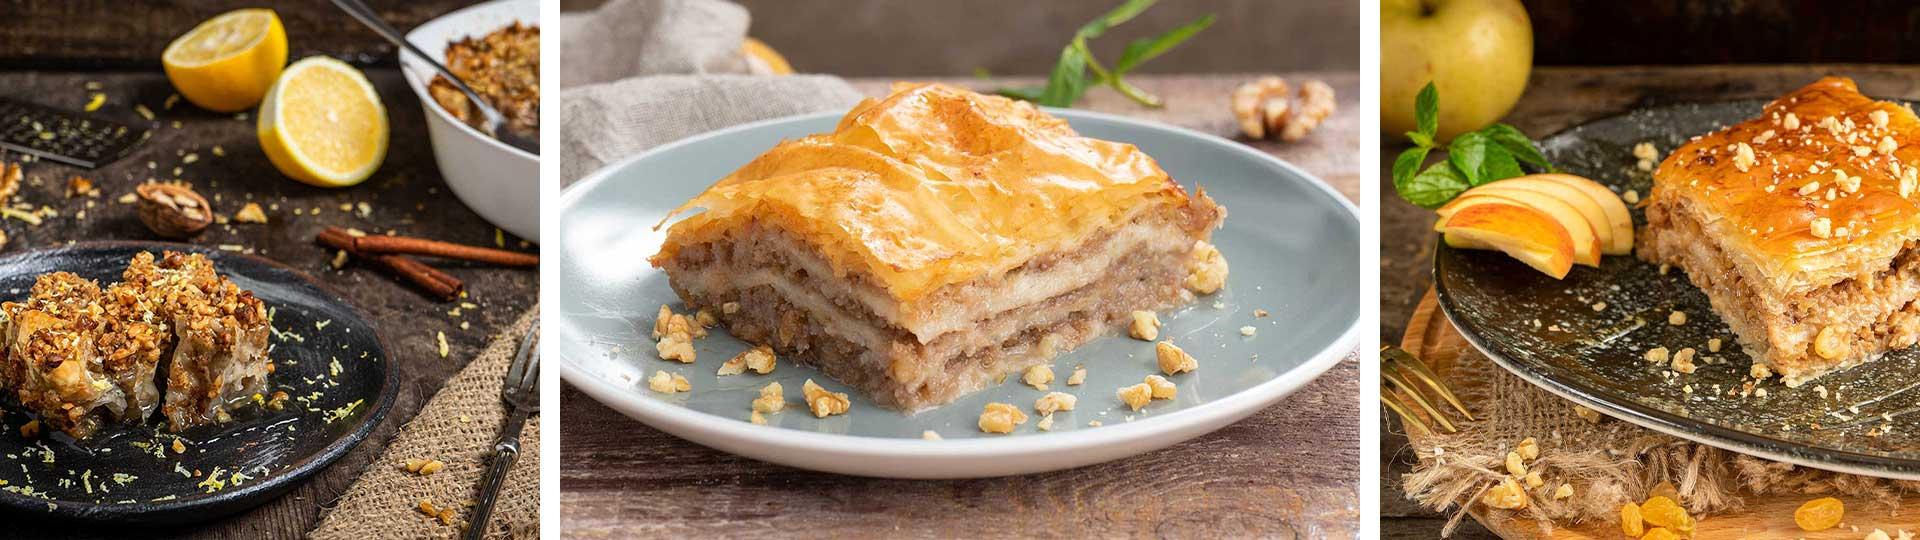 Колаж от 3 рецепти за баклава, гръцка баклава и ябълкова баклава